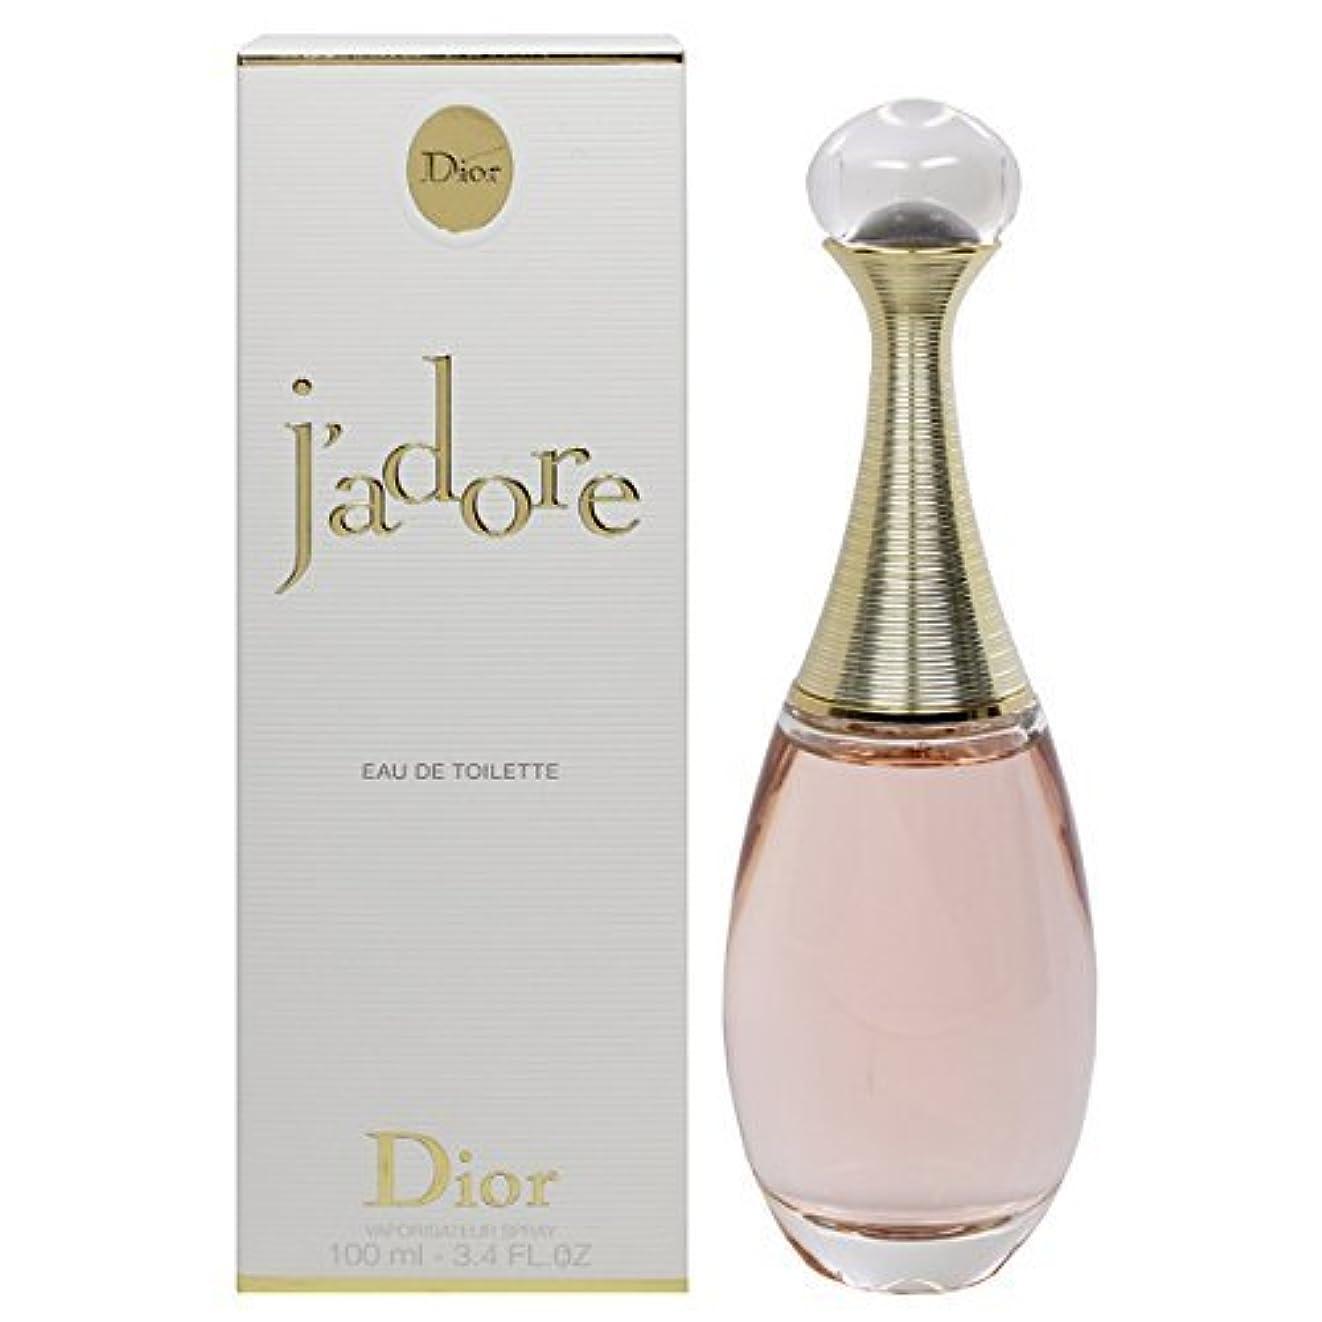 認可幅研究クリスチャン ディオール(Christian Dior) ジャドール オー ルミエール EDT SP 100ml[並行輸入品]